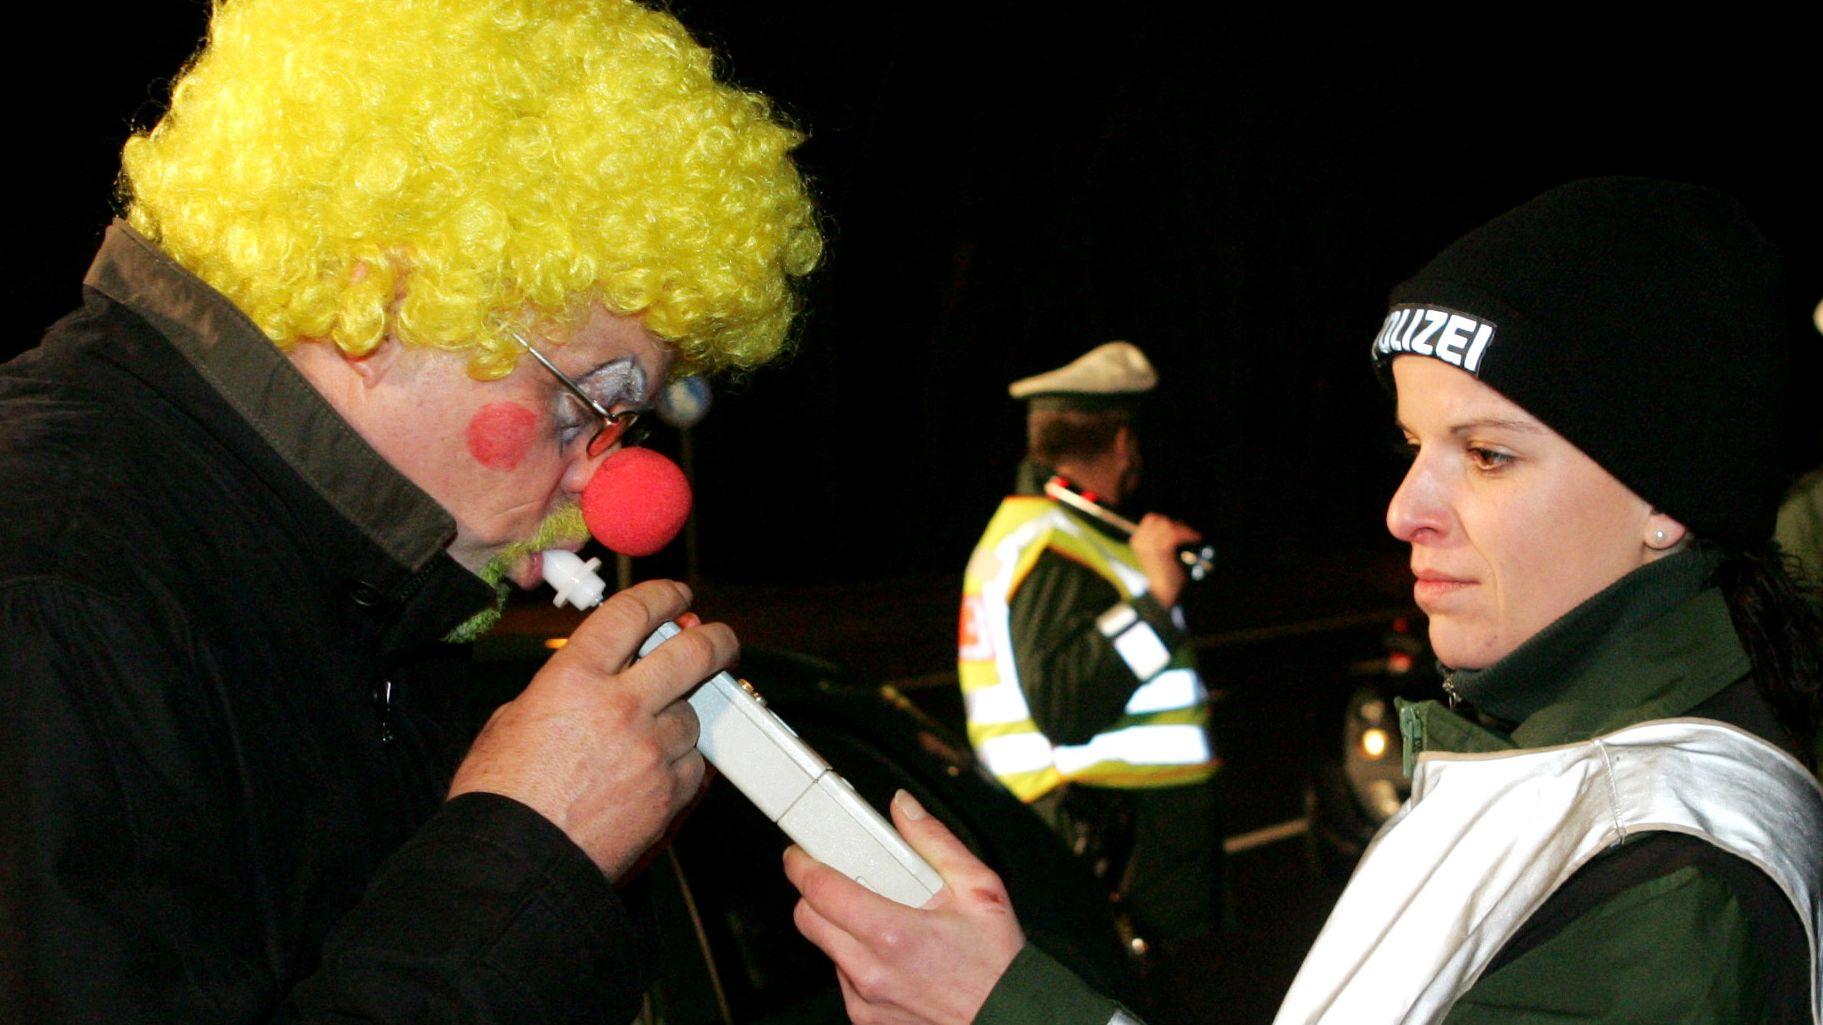 Bunt geschminkter Clown muss einen Alkoholtest absolvieren.